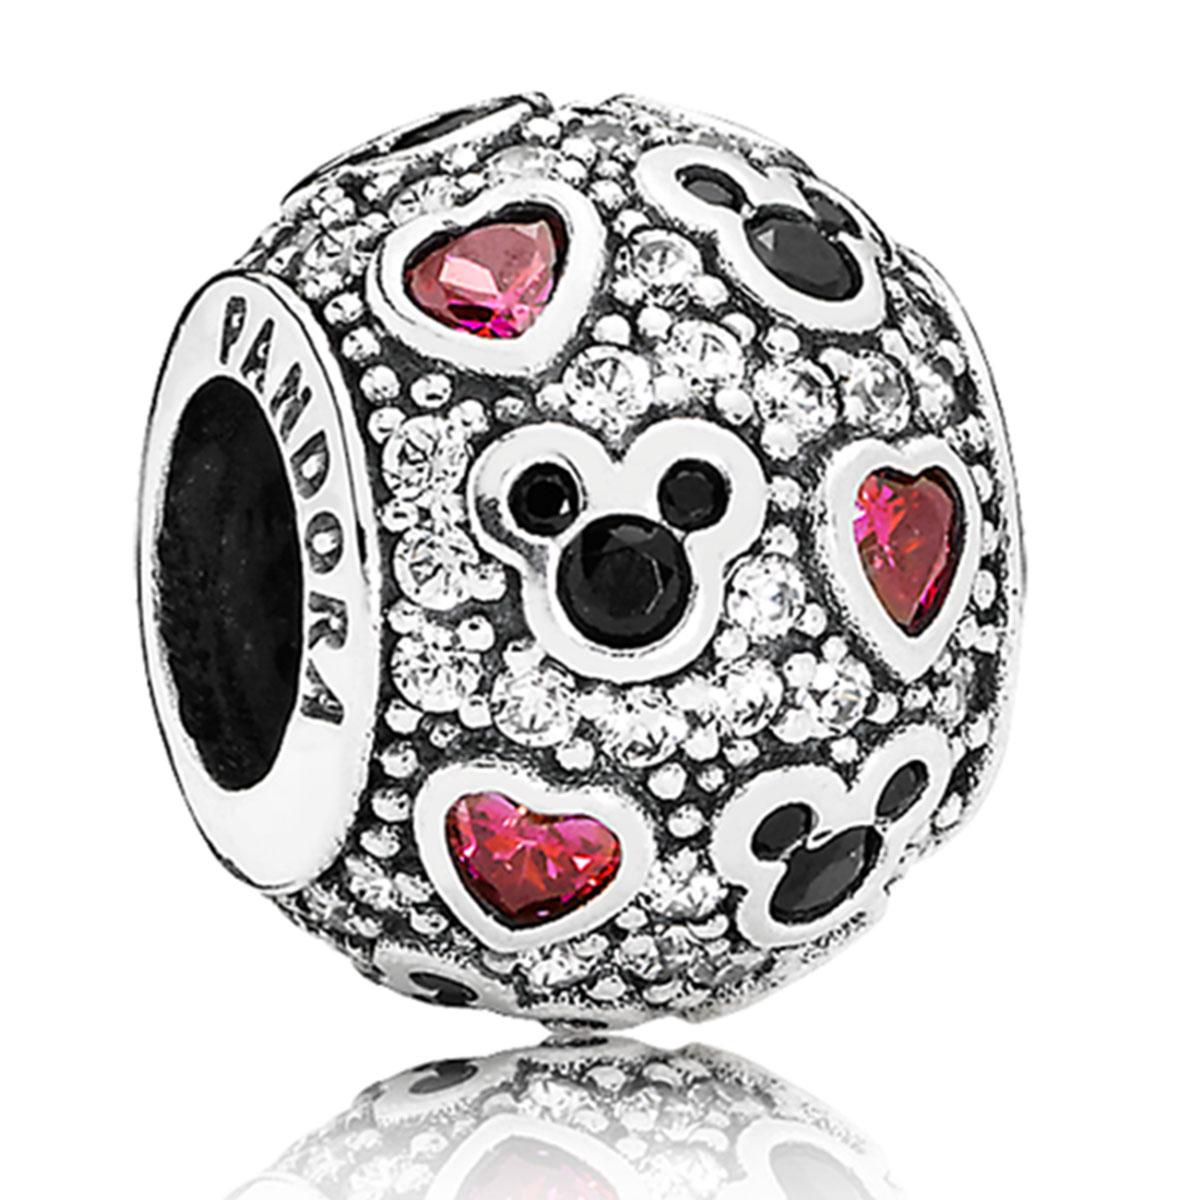 Disney Pandora Beads